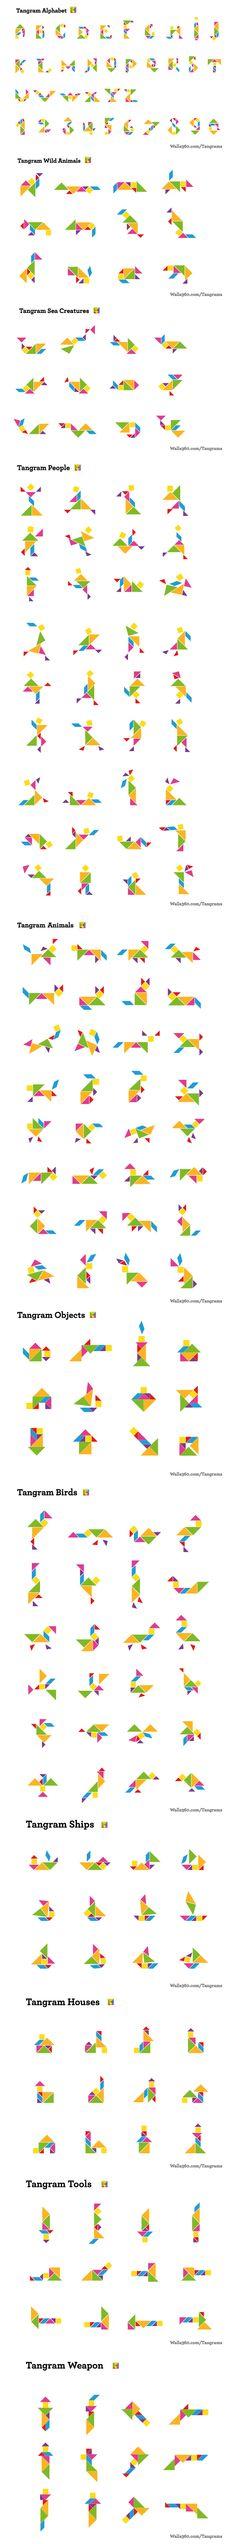 Infinite visual possibilities from Tangrams. http://www.walls360.com/tangrams